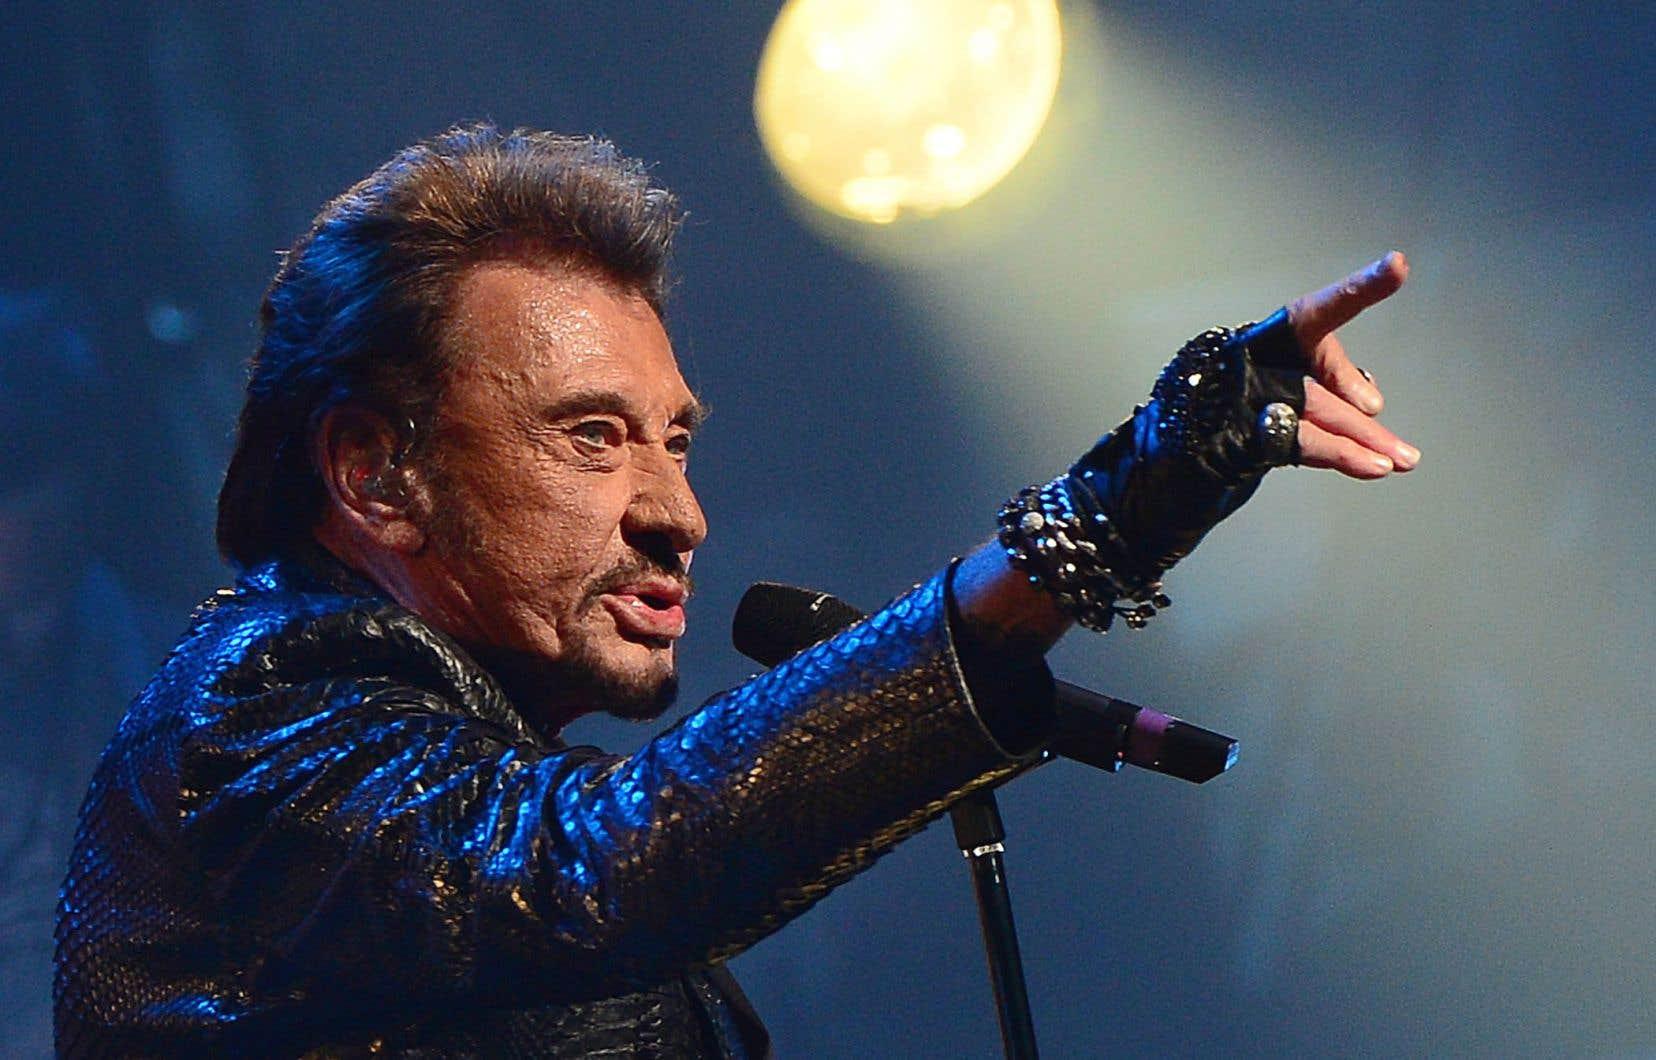 Johnny Hallyday en spectacle au Beacon Theatre de New York le 7octobre 2012. Le rockeur souffrait d'un cancer des poumons.